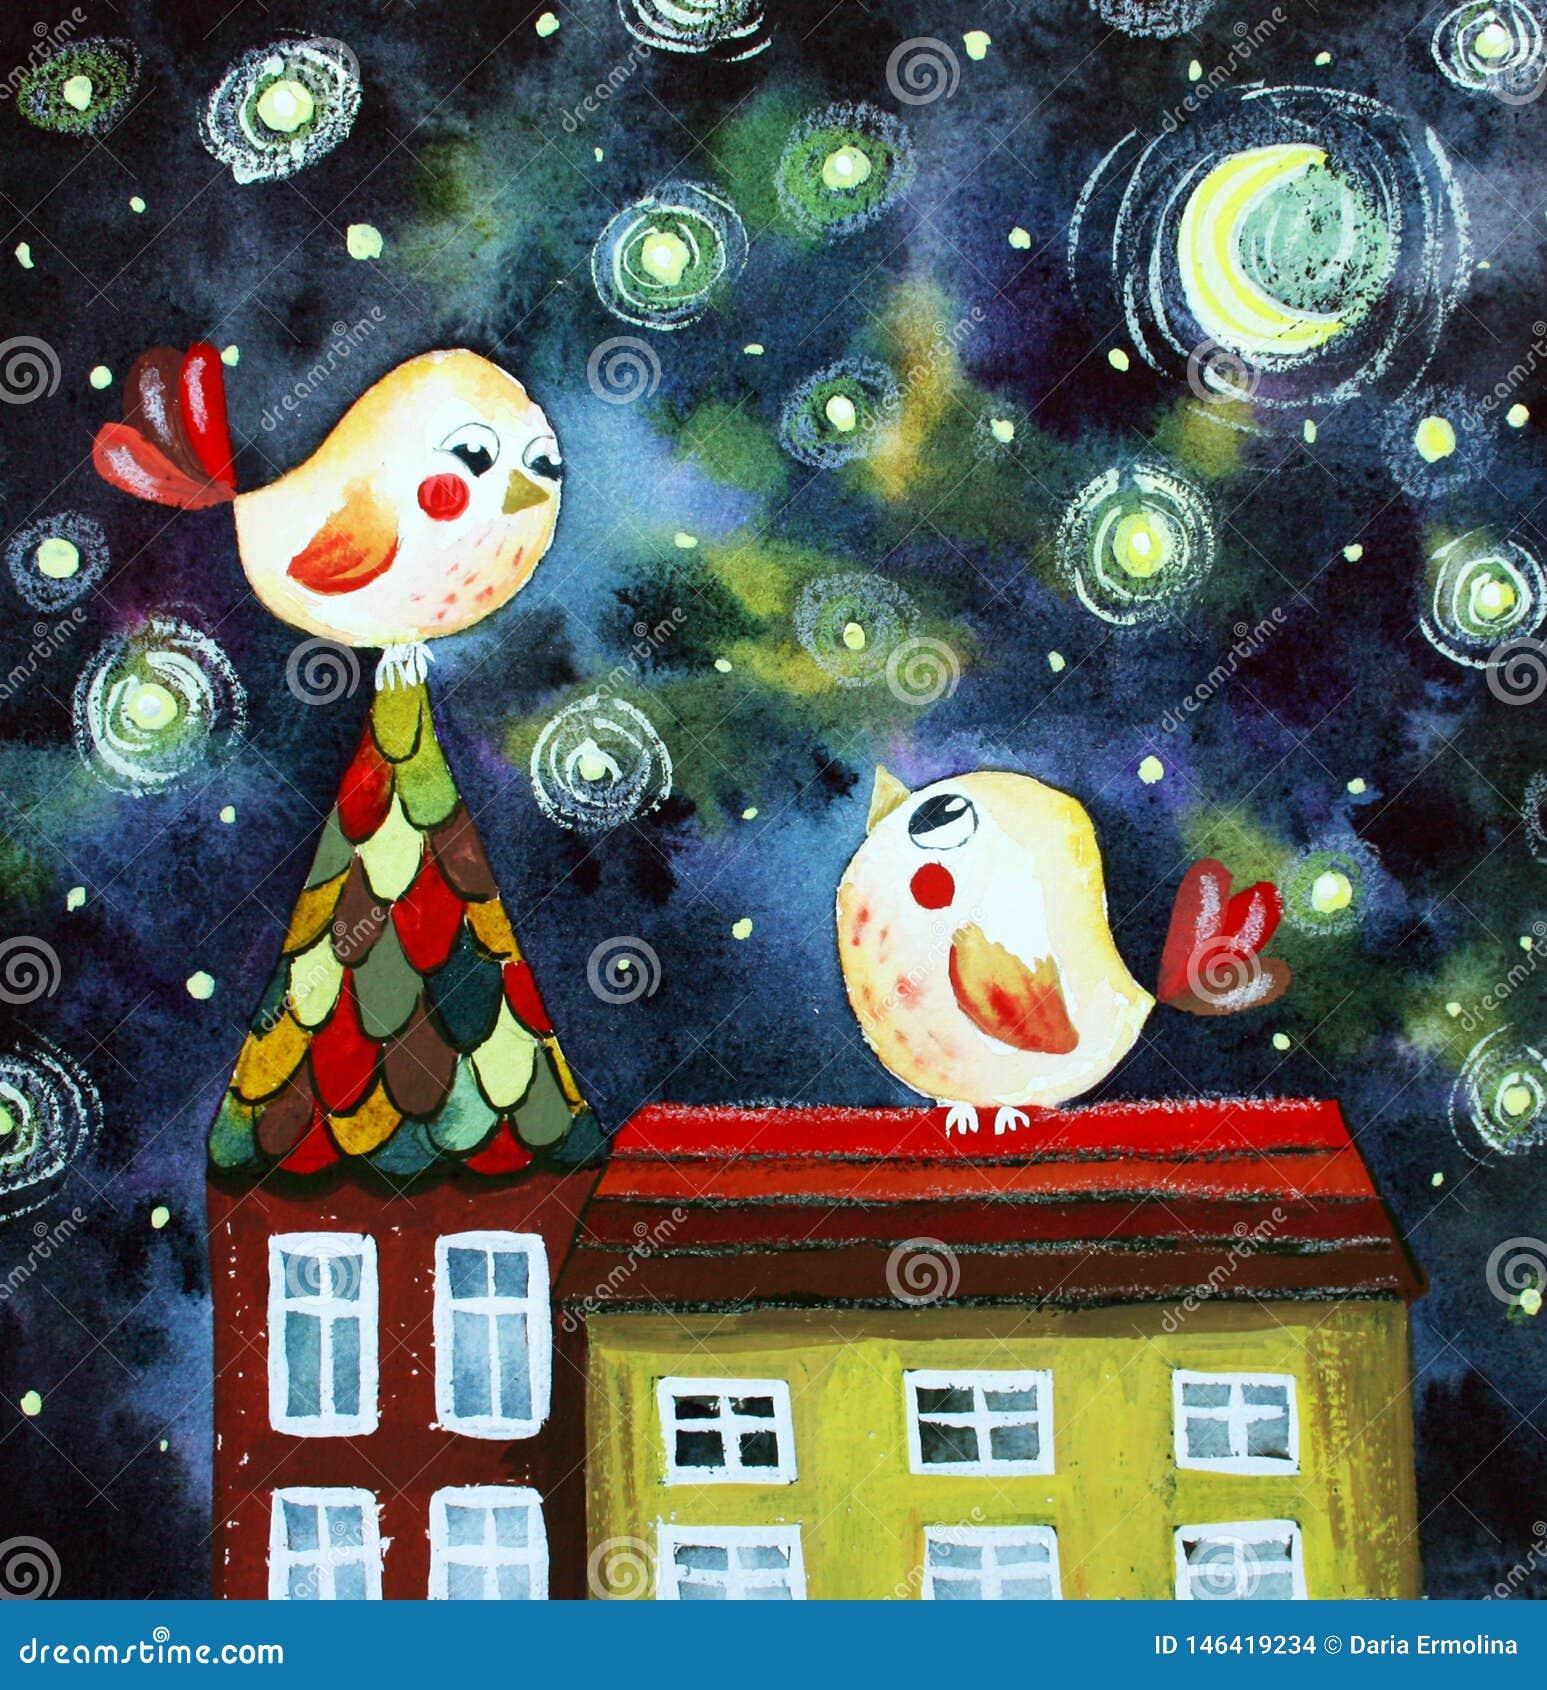 Illustratie met vogels op het dak